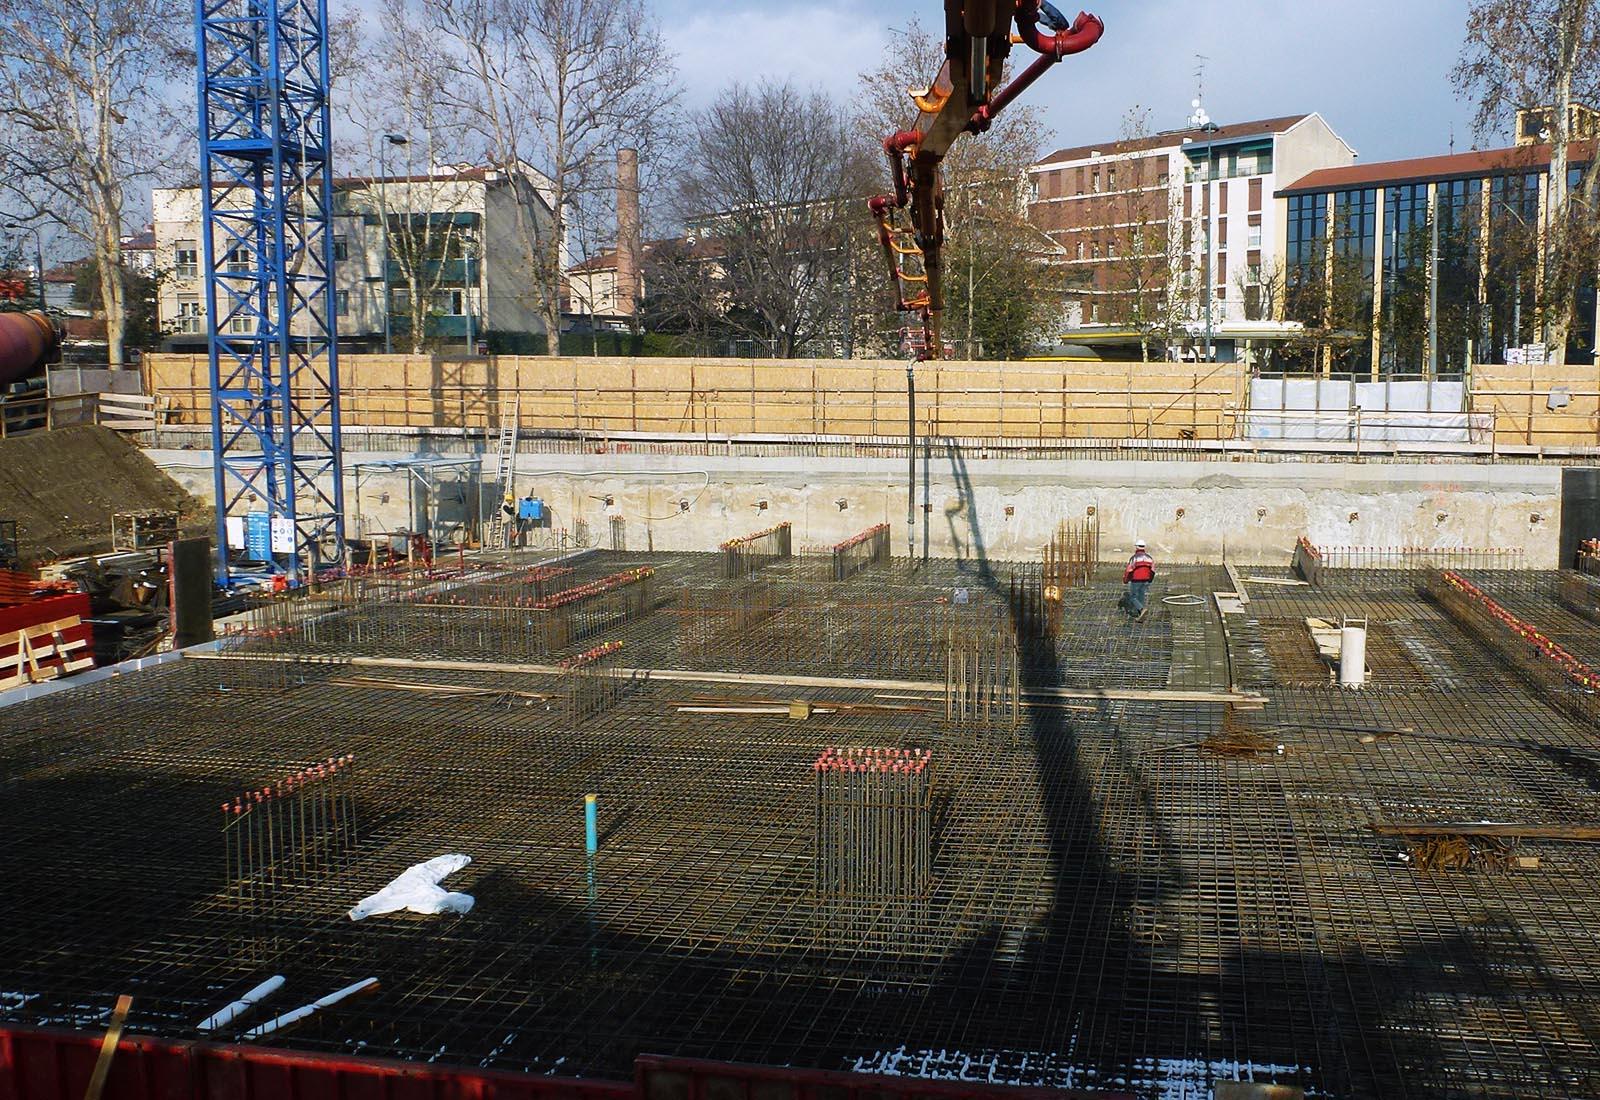 Residenze universitarie Bocconi in viale Isonzo a Milano - Armatura della platea di fondazione